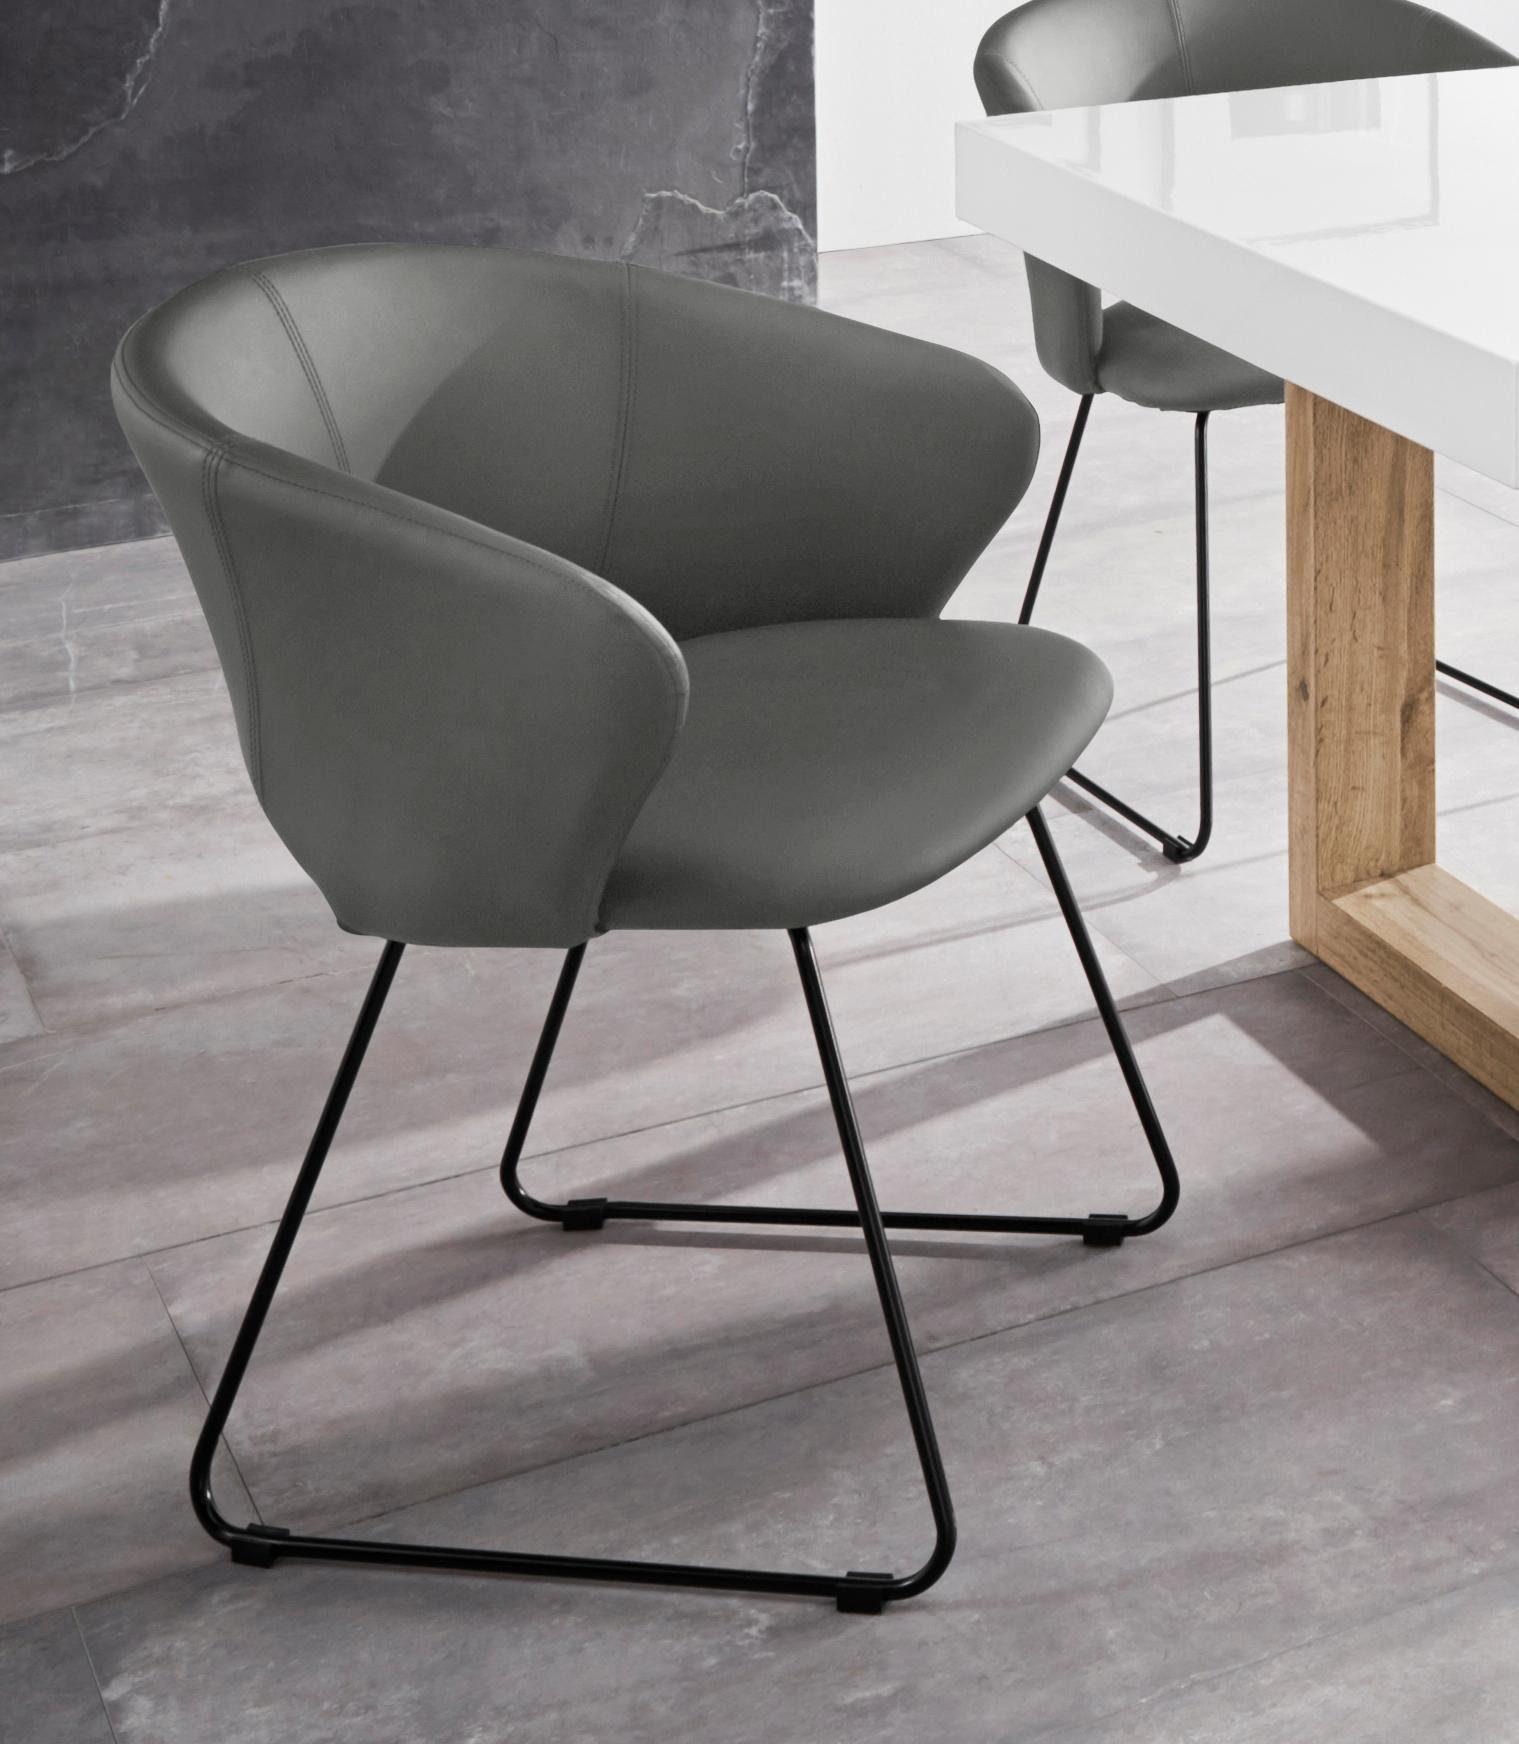 INOSIGN Esszimmerstuhl »Plymouth« mit einem schönen Kunstleder Bezug und einem schwarzen Metallgestell in Kufen Form, Sitzhöhe 47 cm online kaufen |